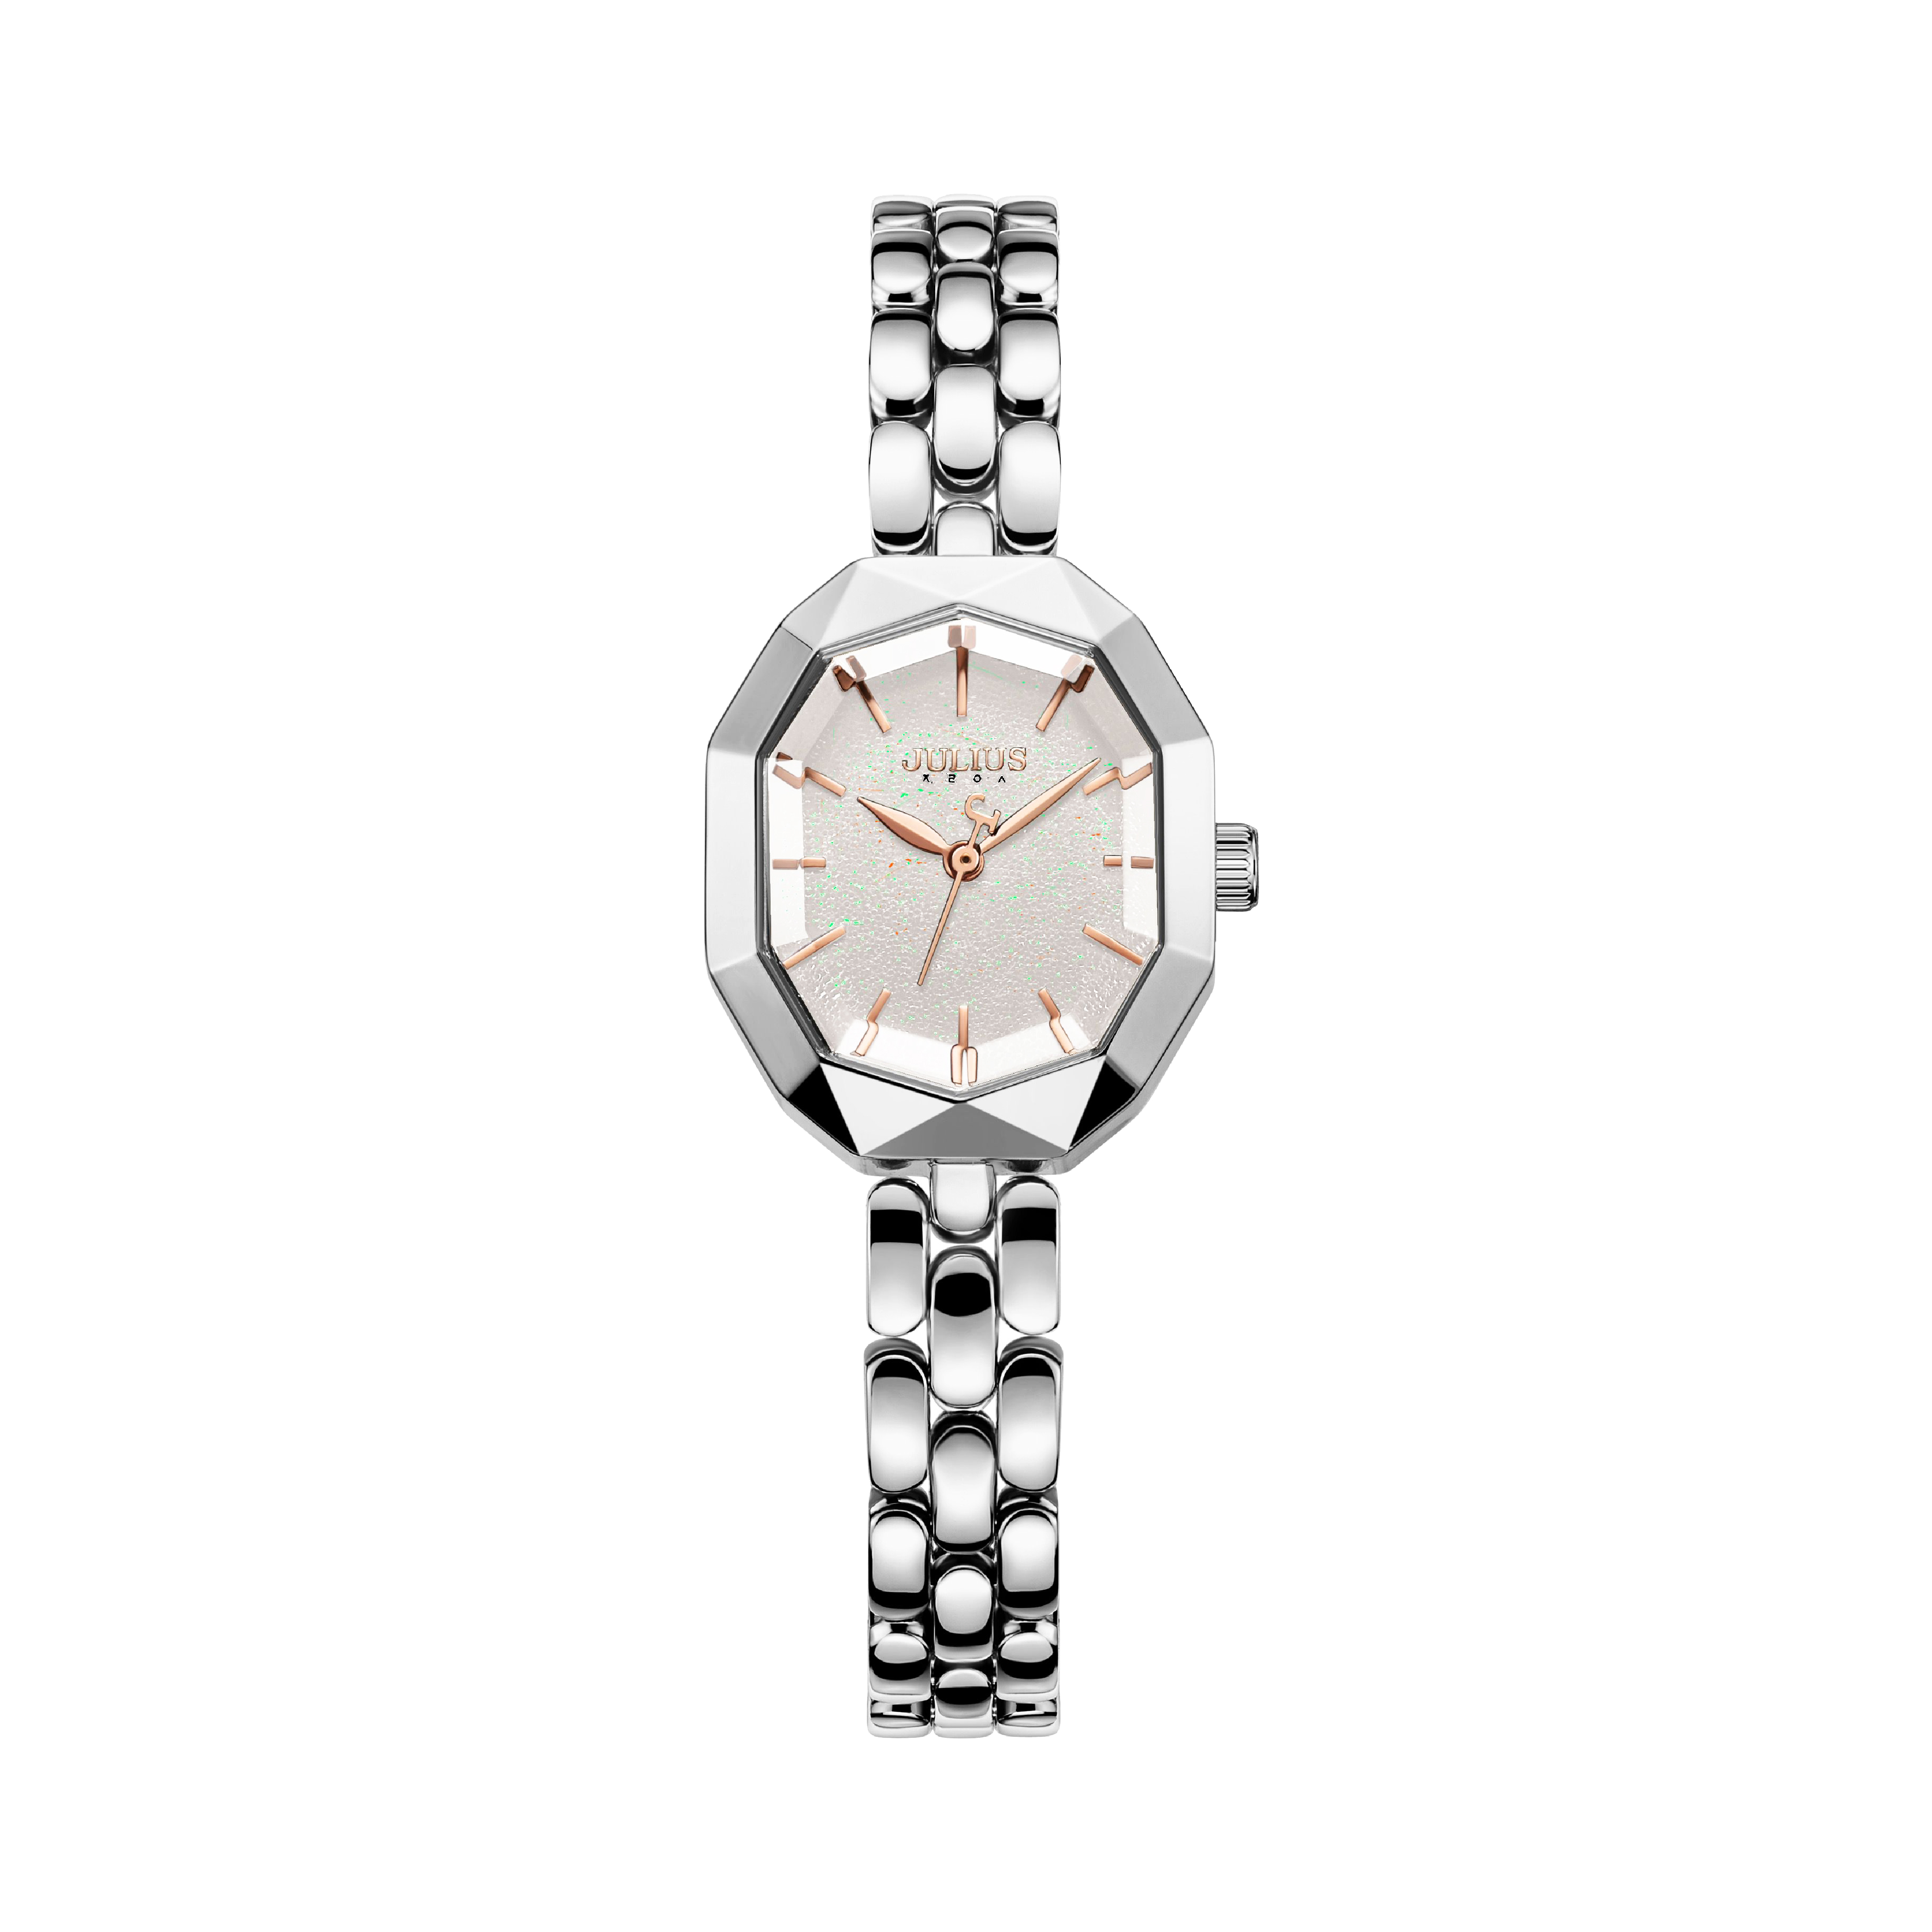 นาฬิกาข้อมือผู้หญิง JULIUS JA-1045 A